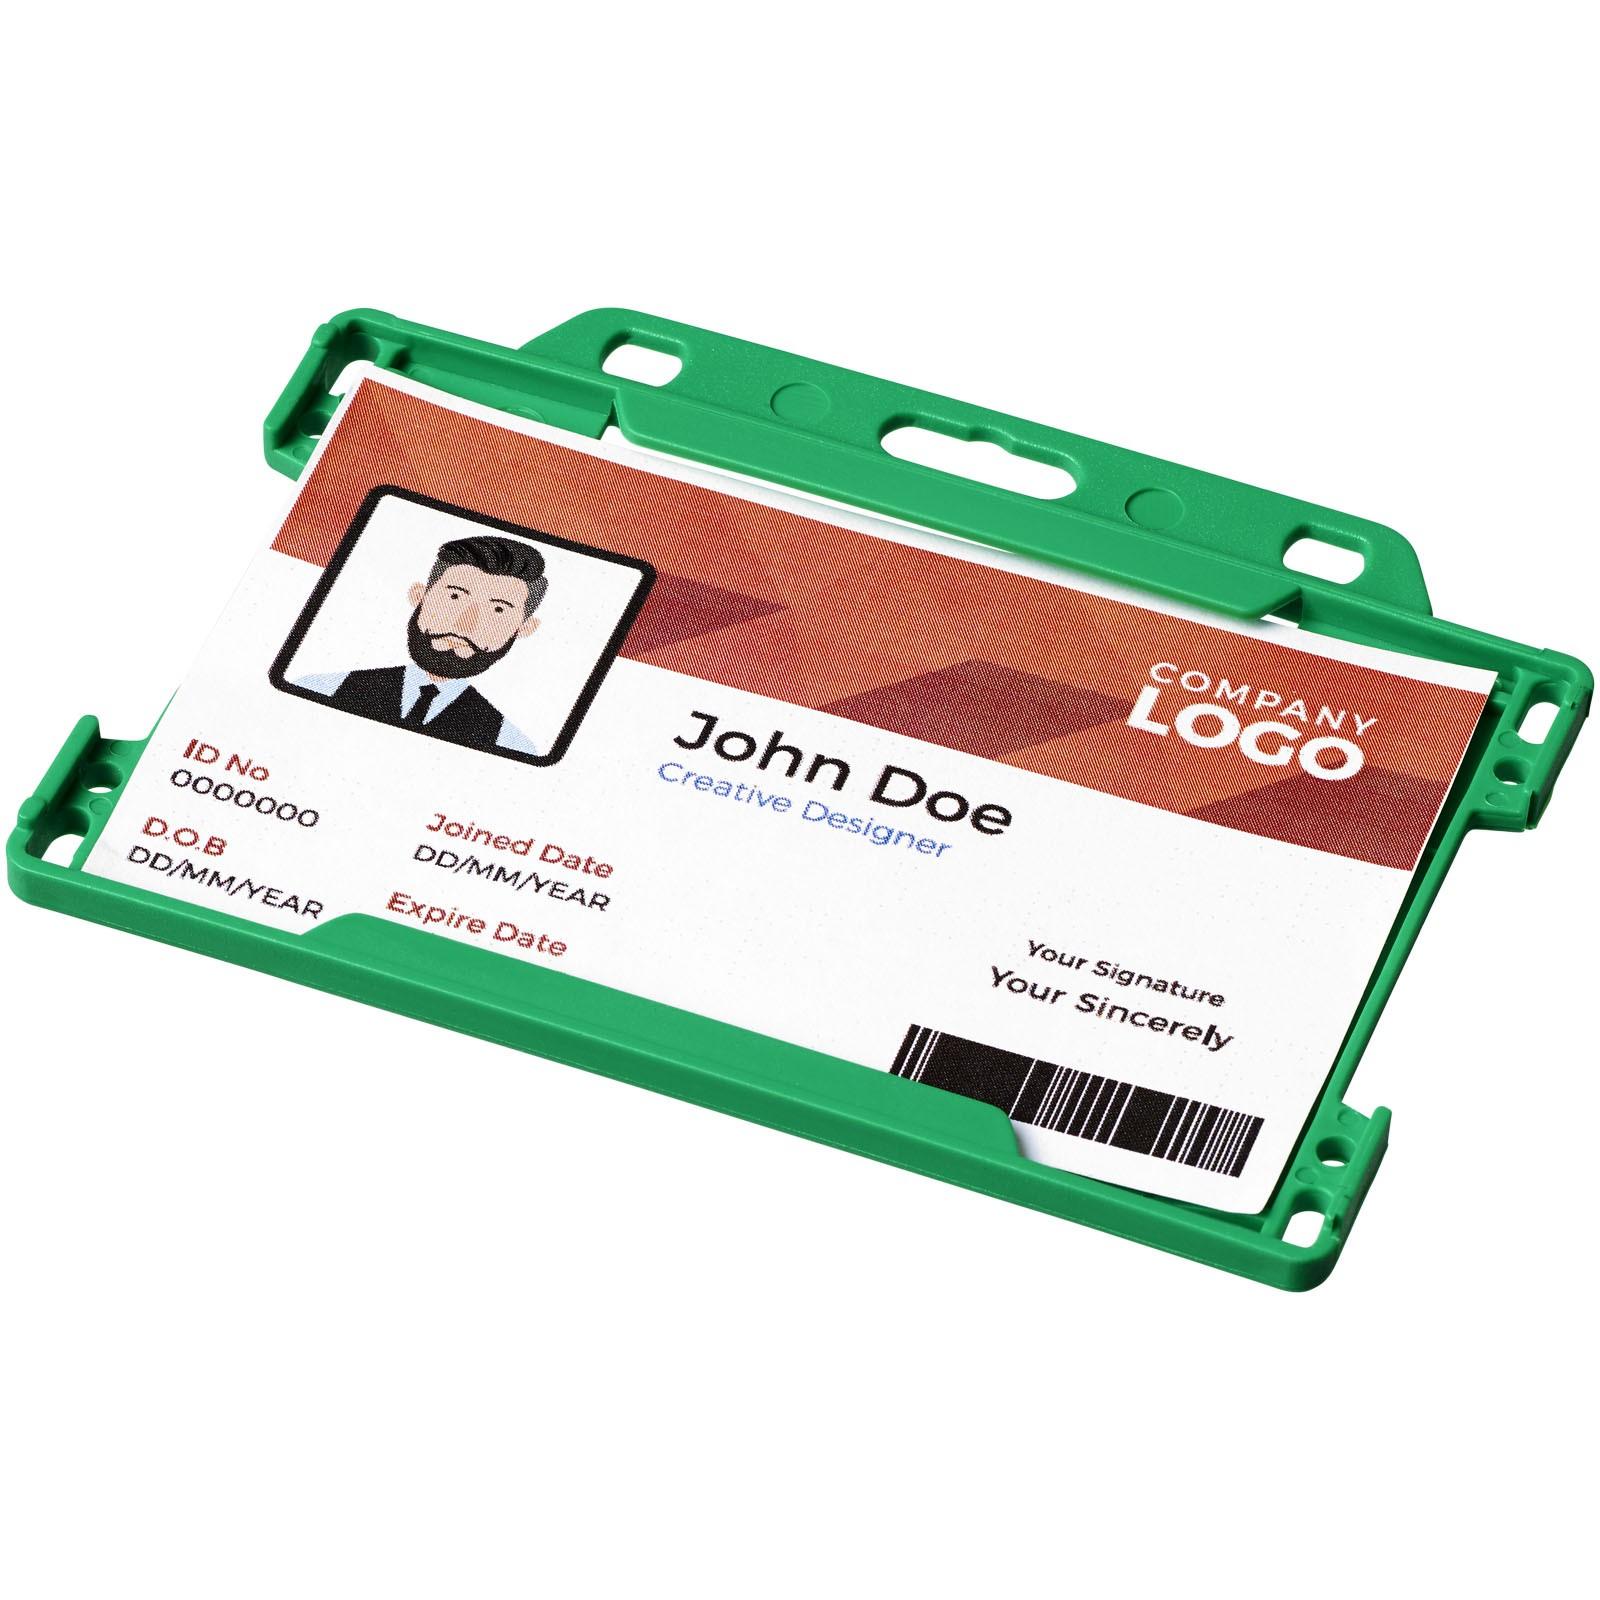 Vega plastic card holder - Green